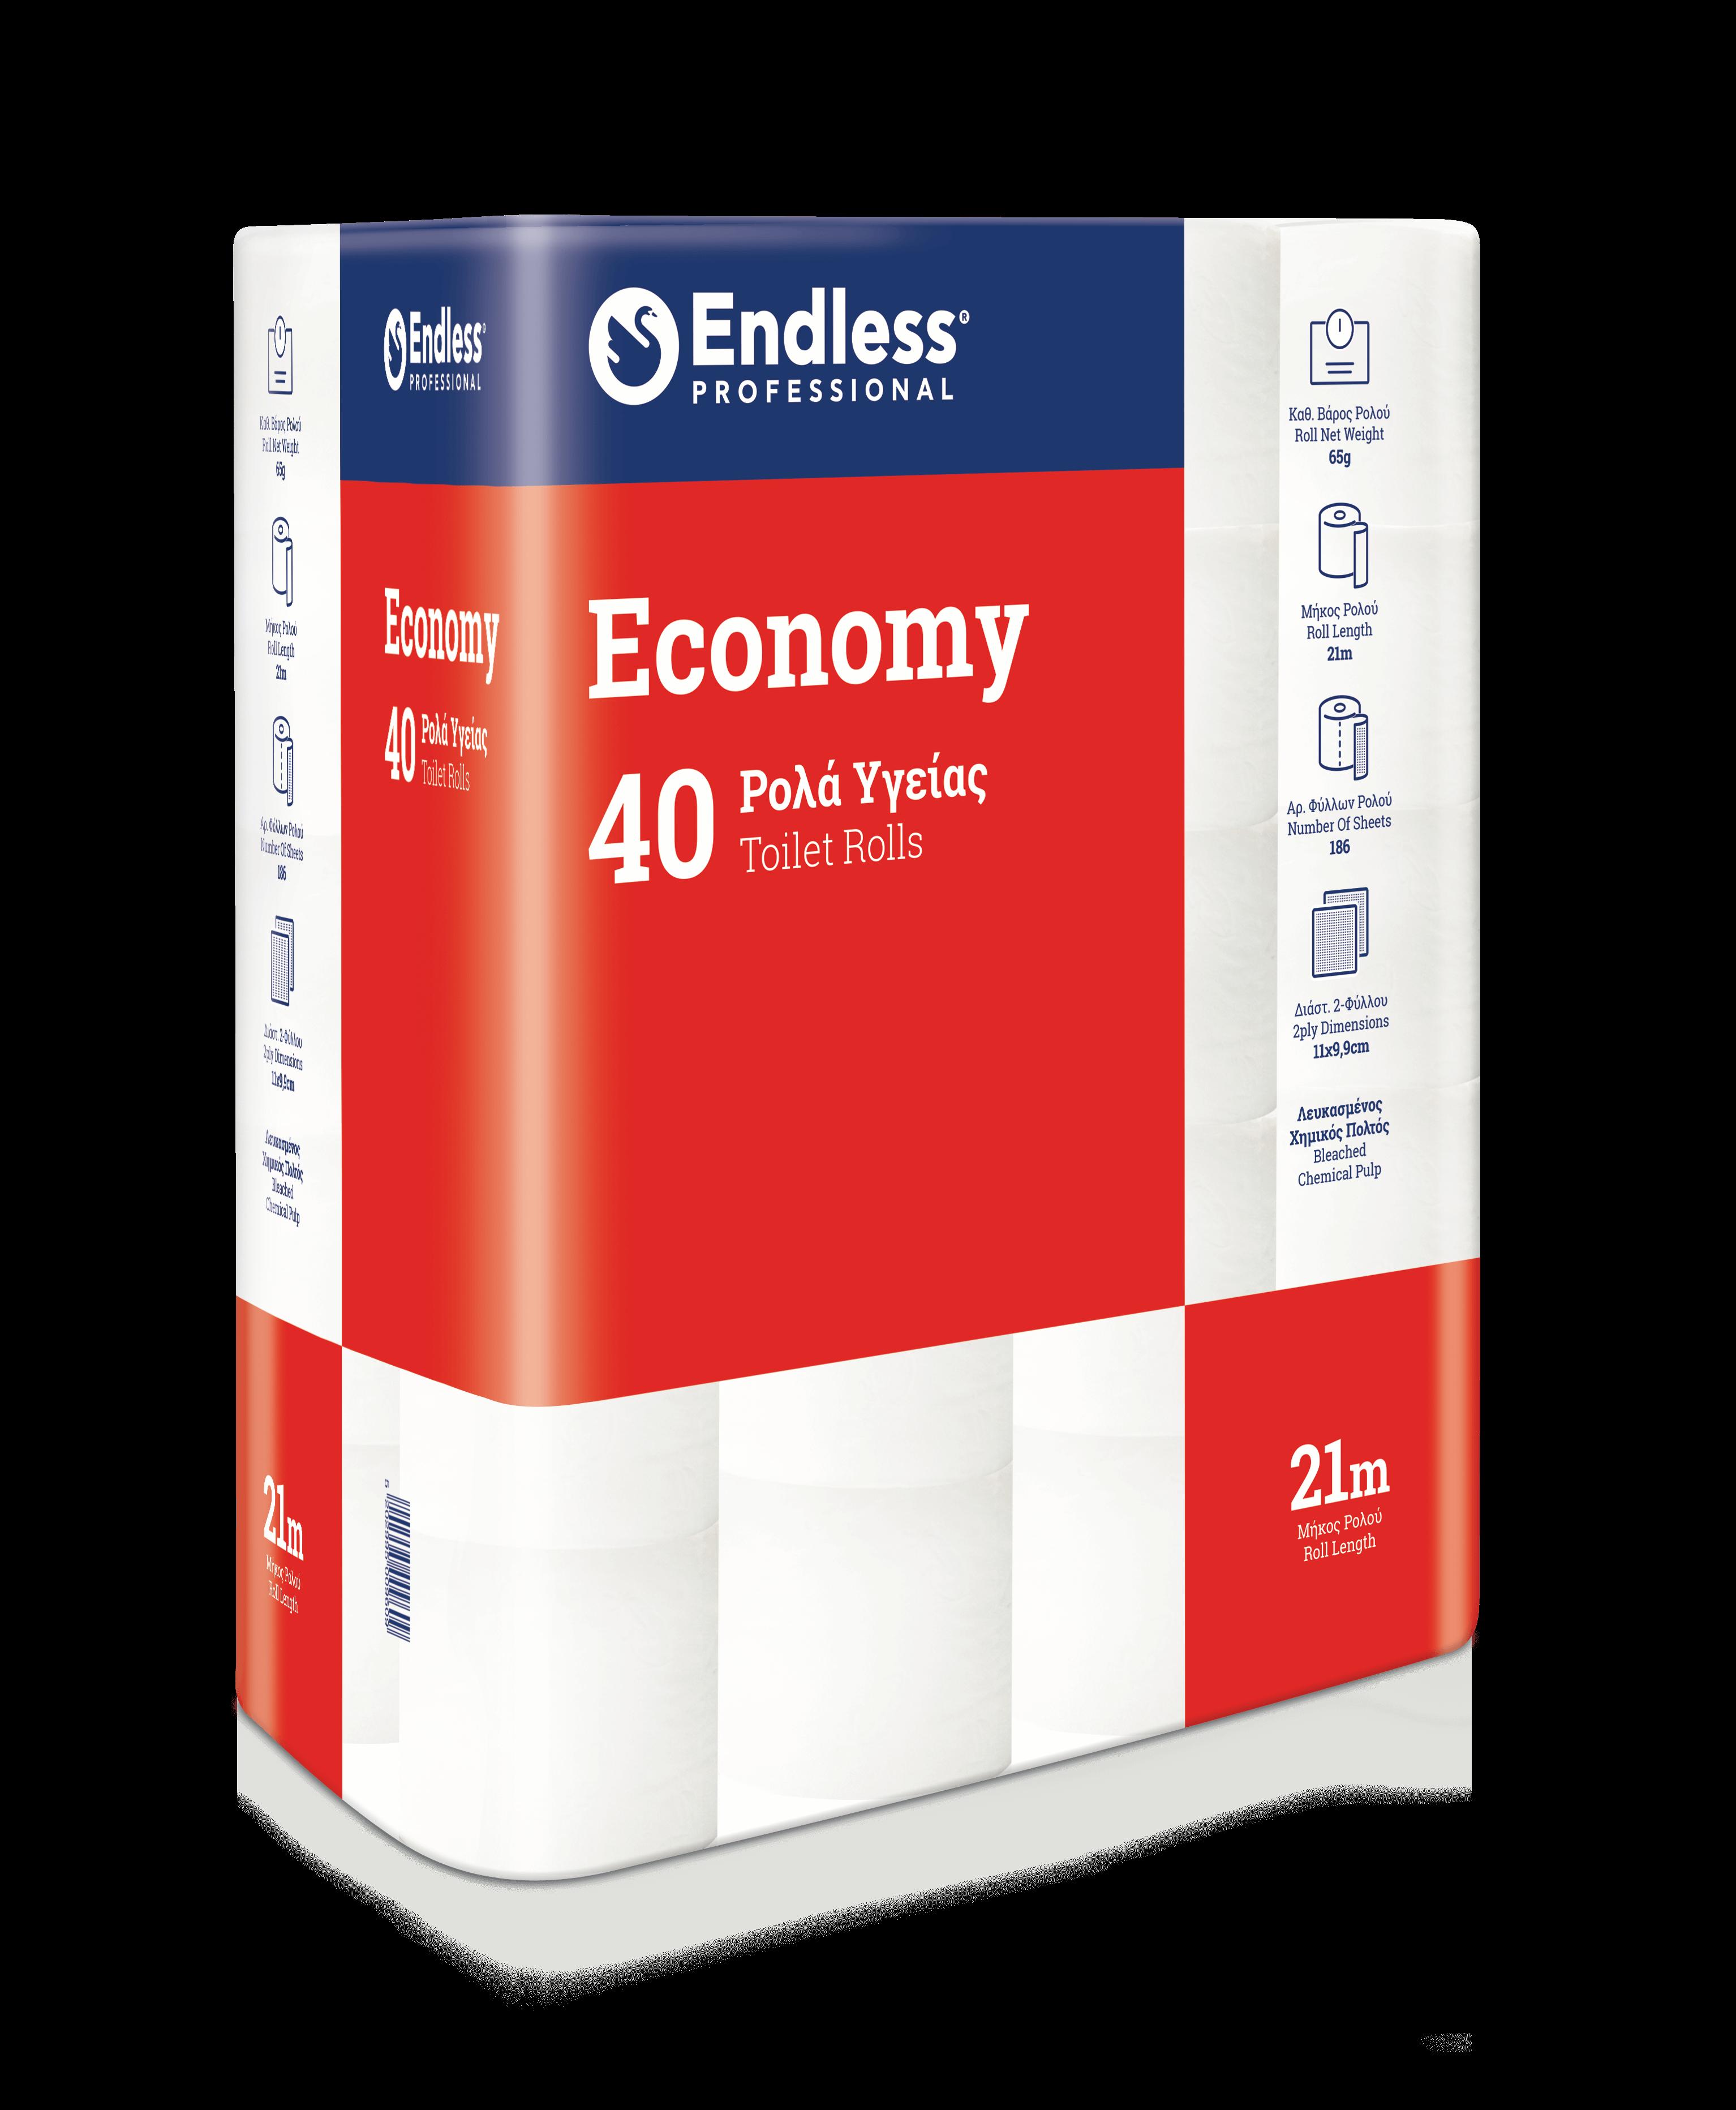 Χαρτί Υγείας Economy Endless (40 ρολά)